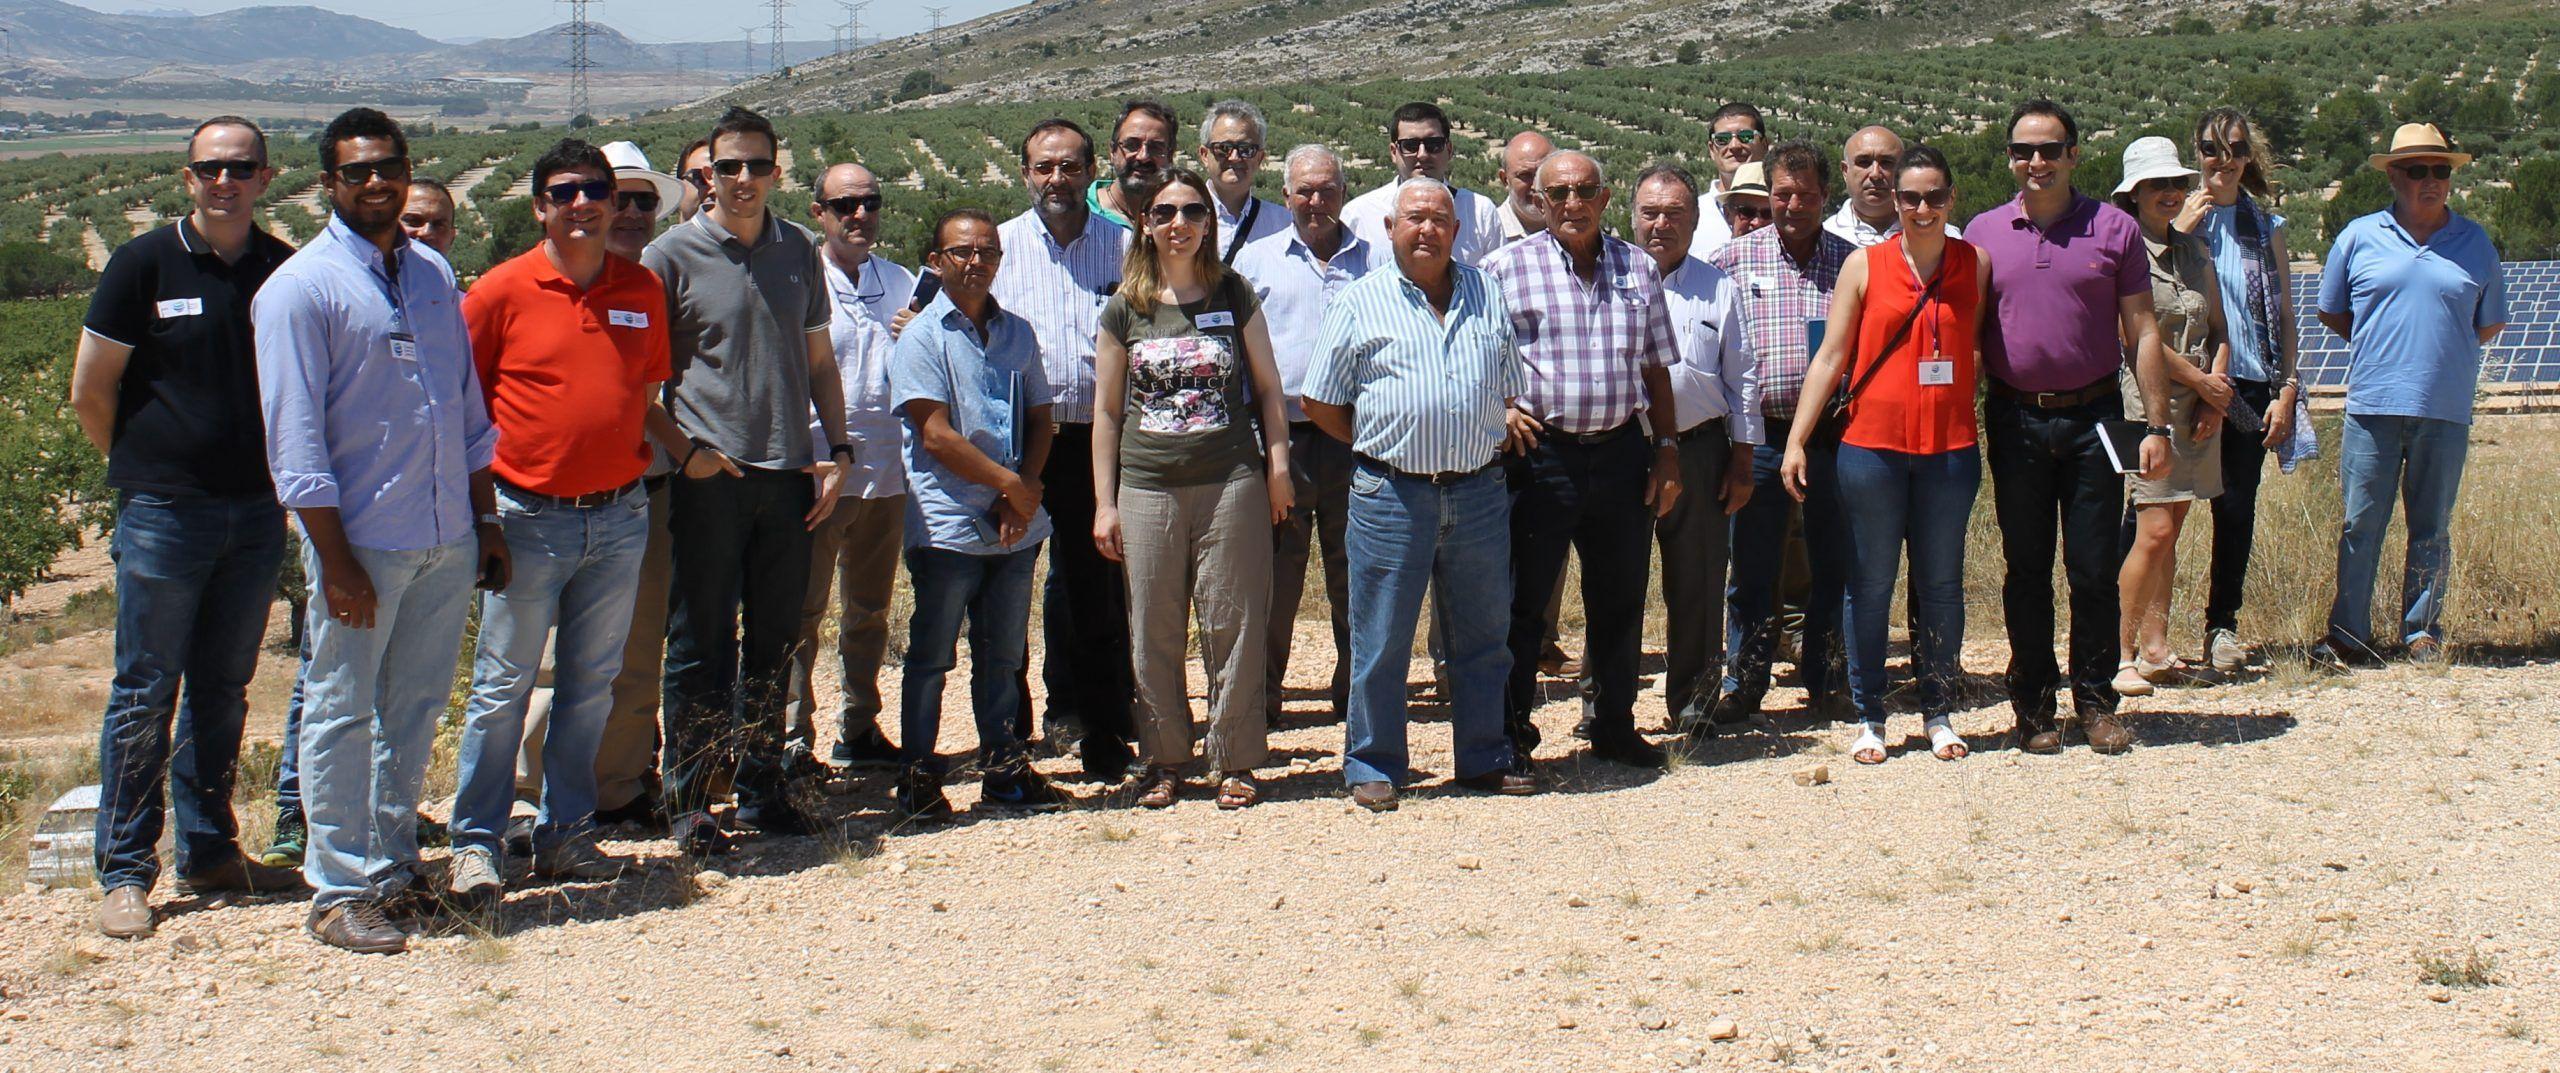 riegogrupocehegin - Los agricultores y regantes de Cehegín visitan una instalación de riego con bombeo solar